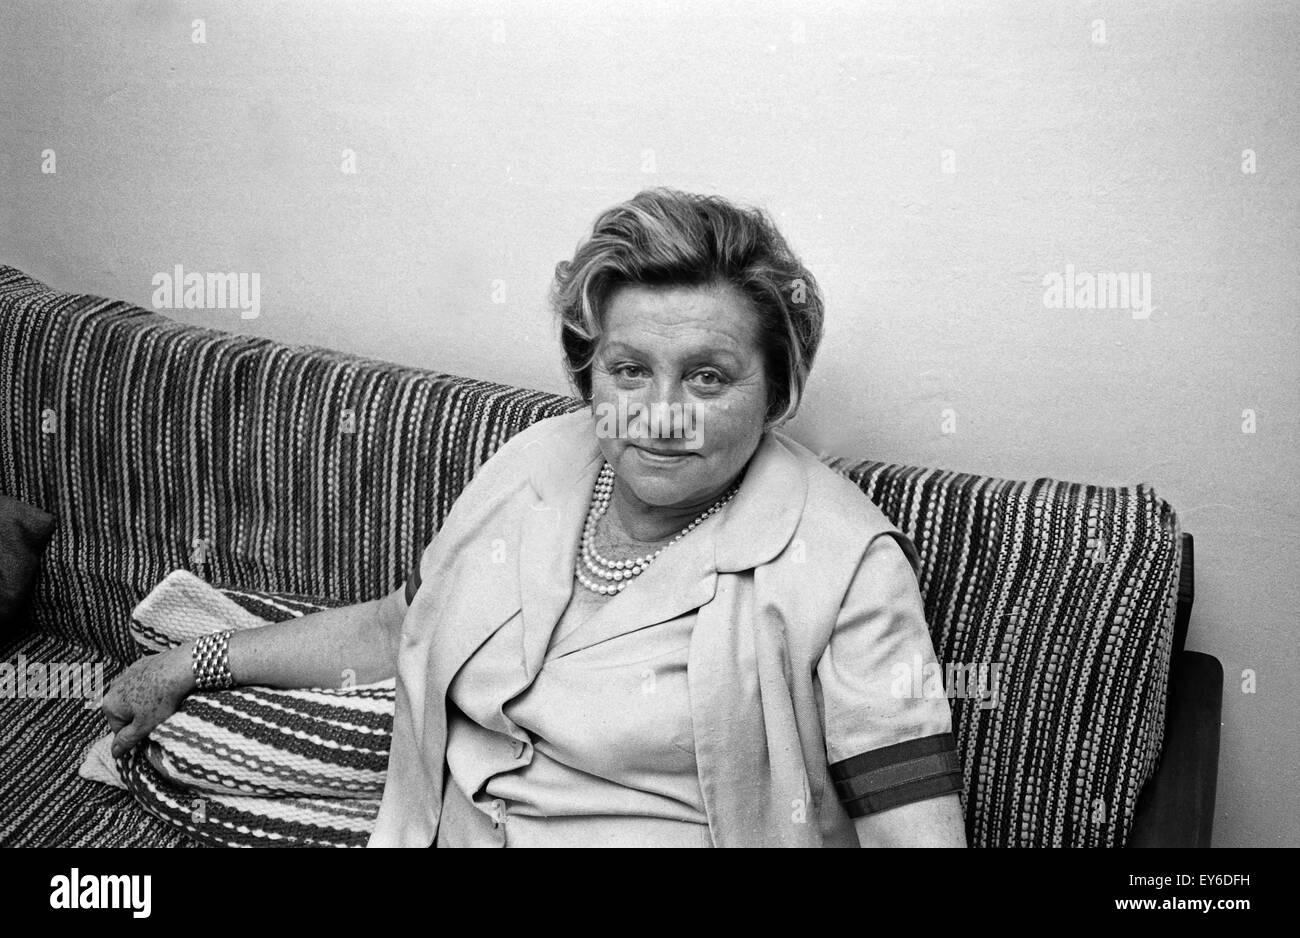 Doris kiesow